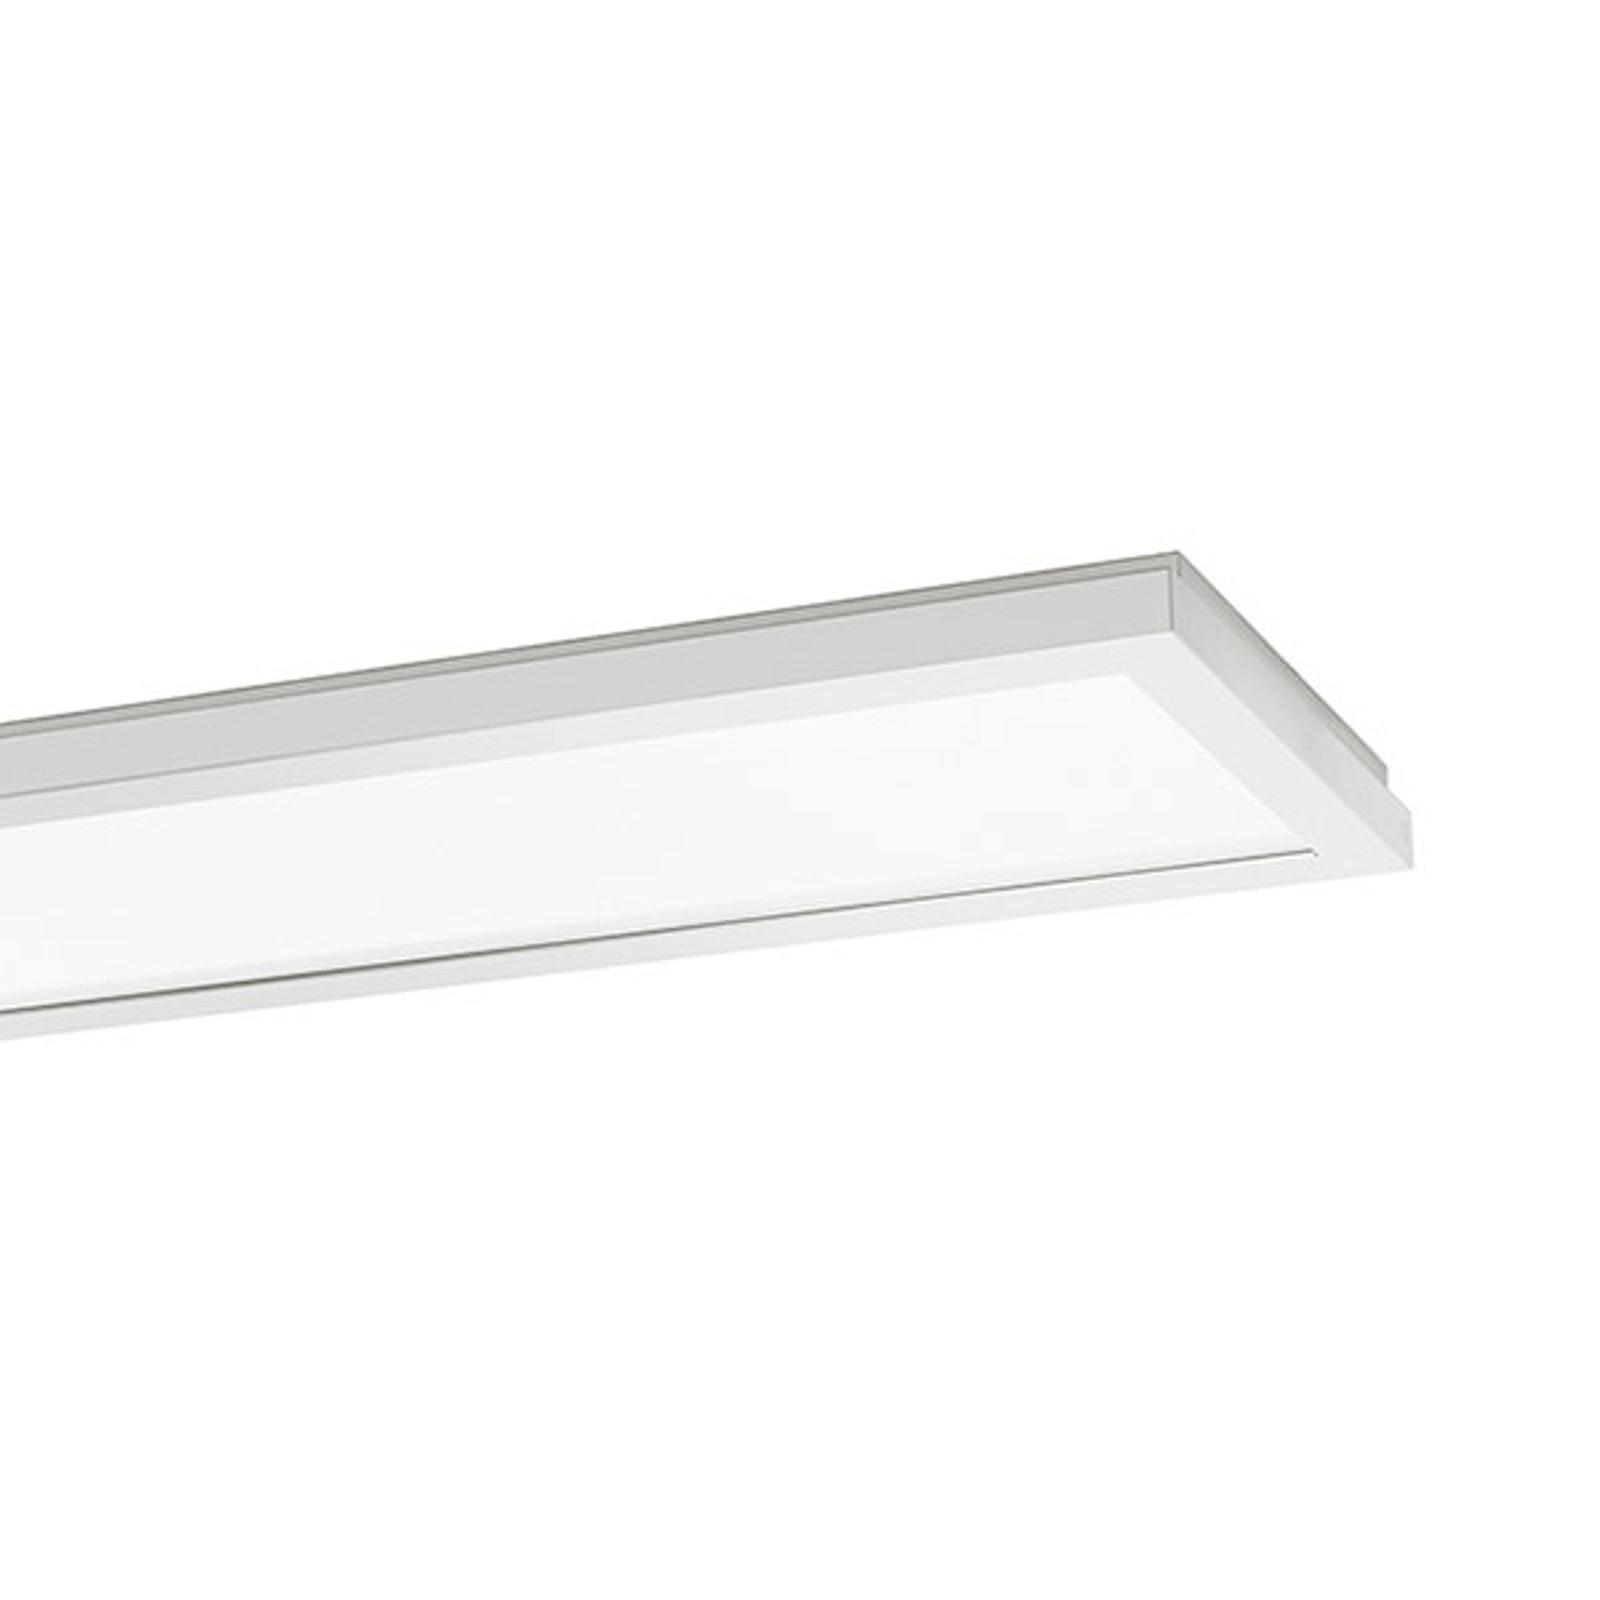 Plafonnier SL630AB DALI+Touch 157cm blanc 4000K